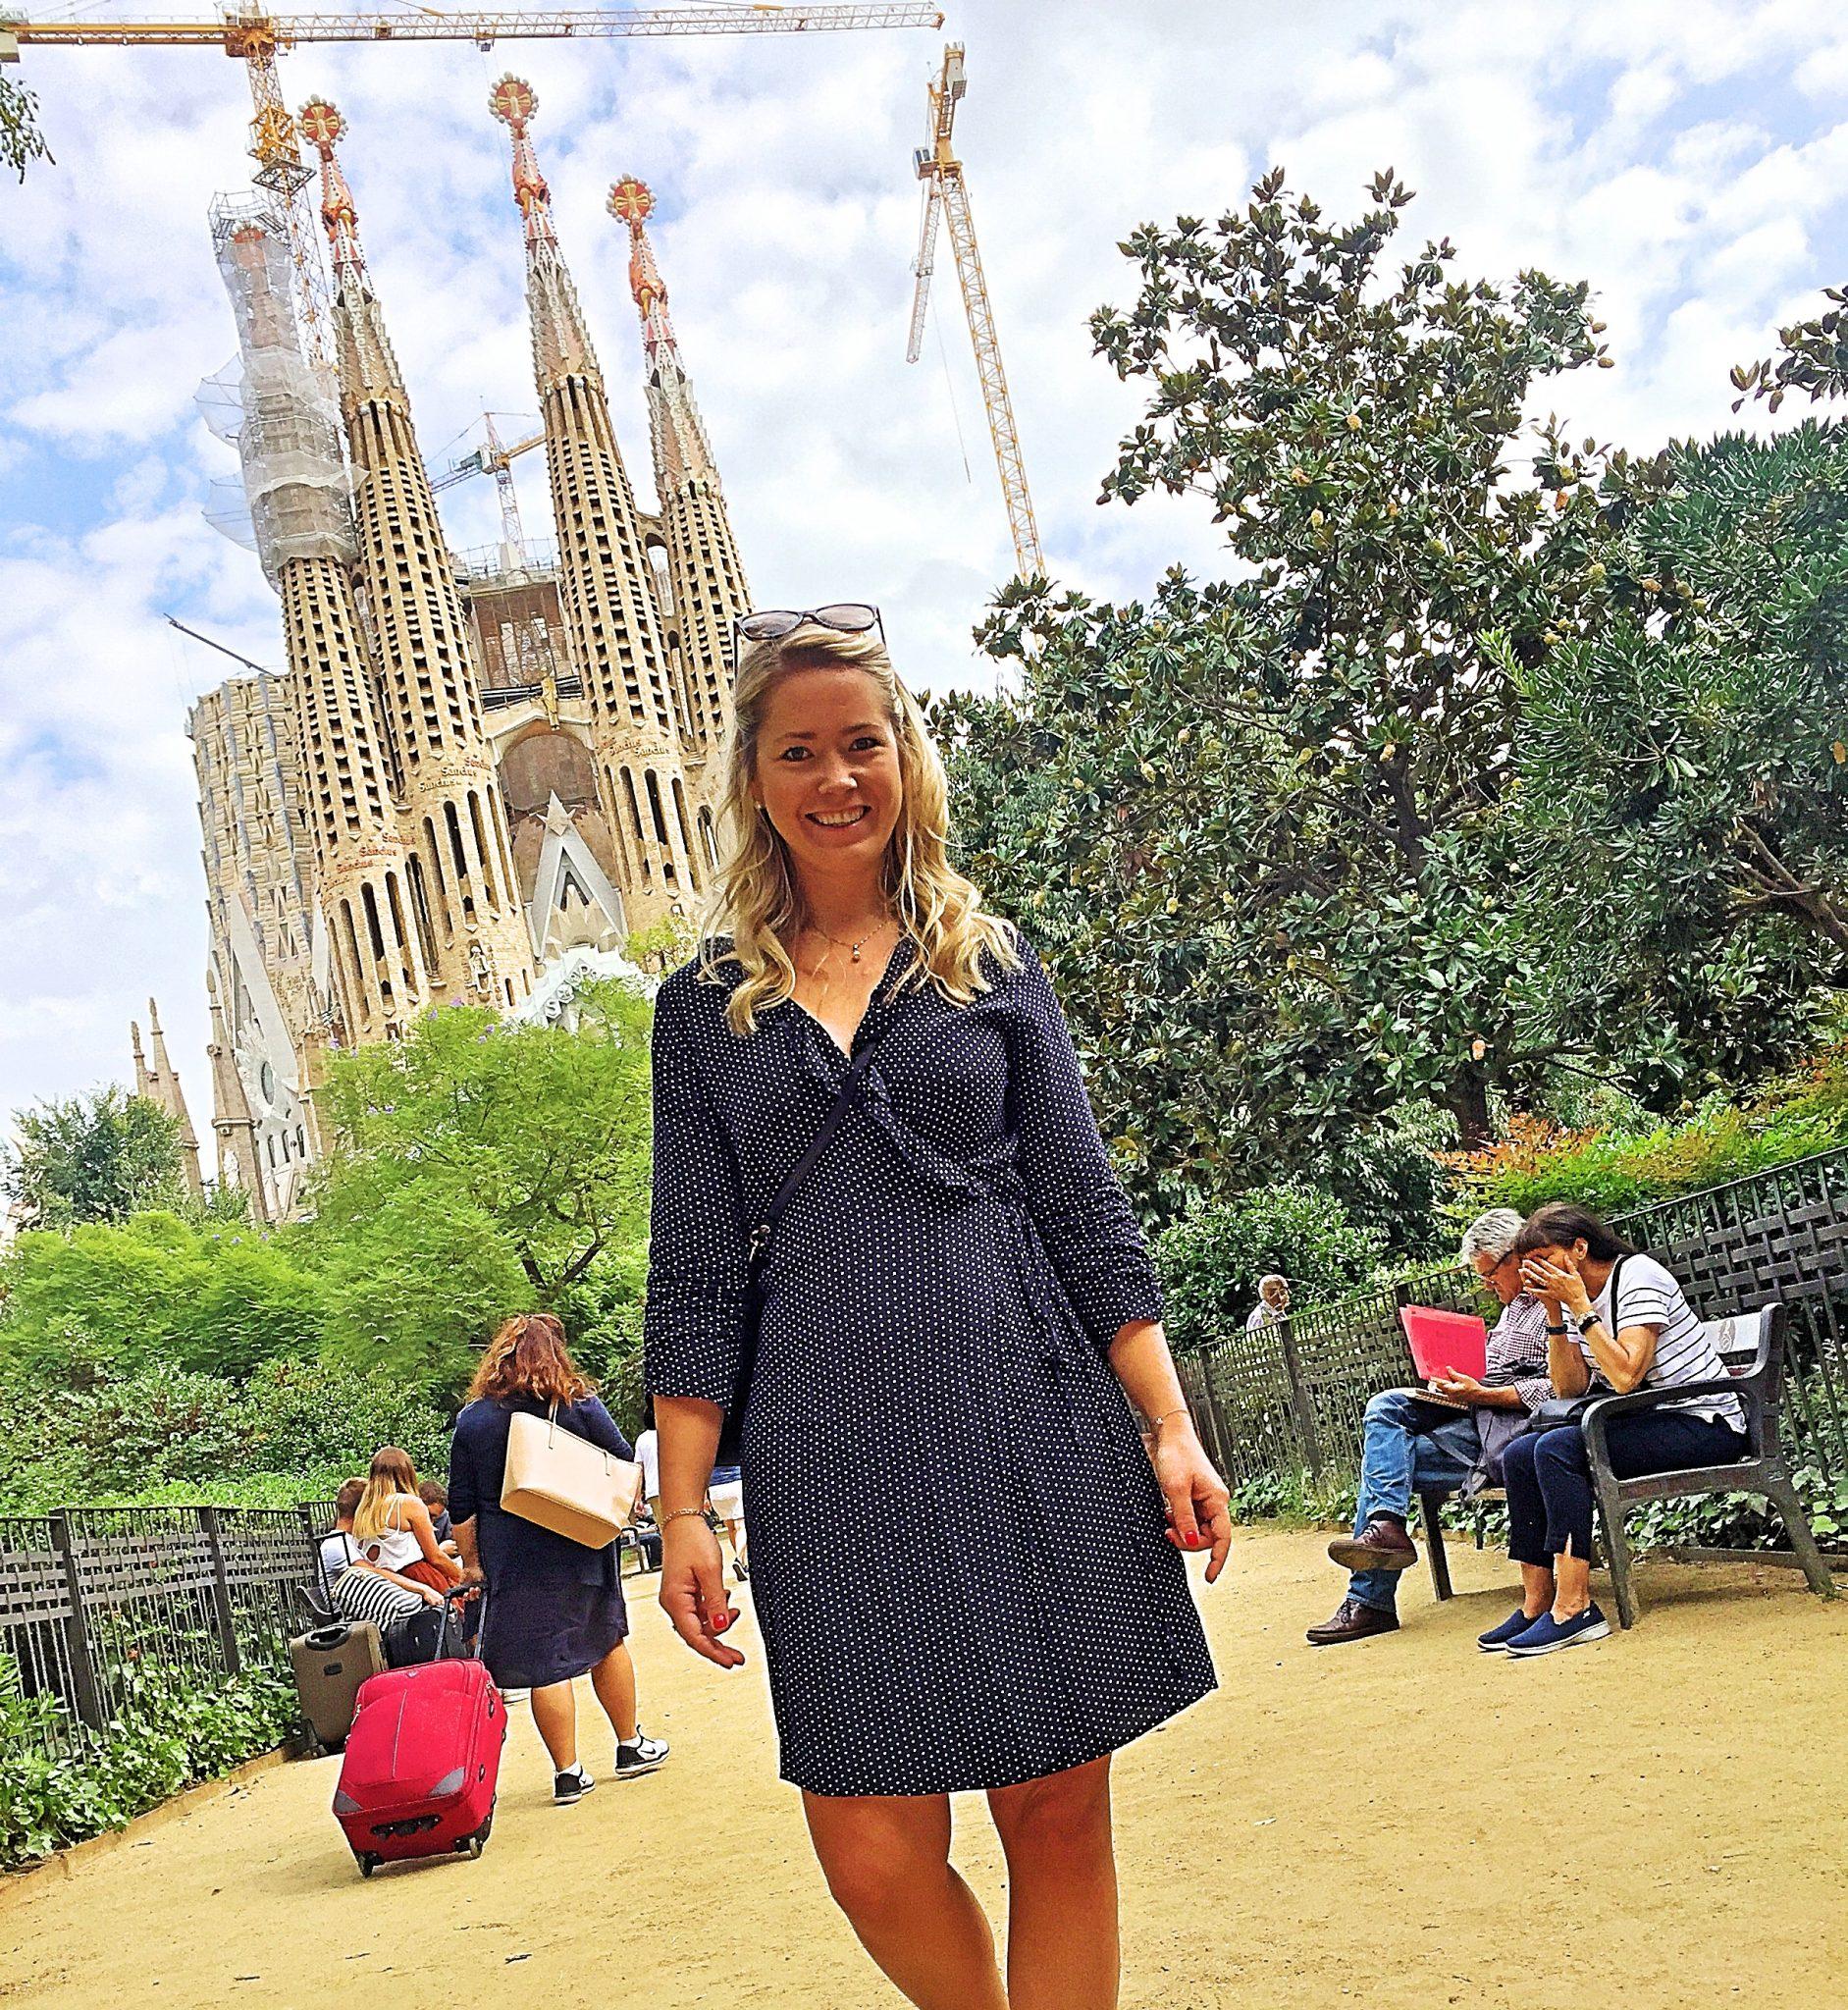 Picture of me with La Sagrada Familia in the back